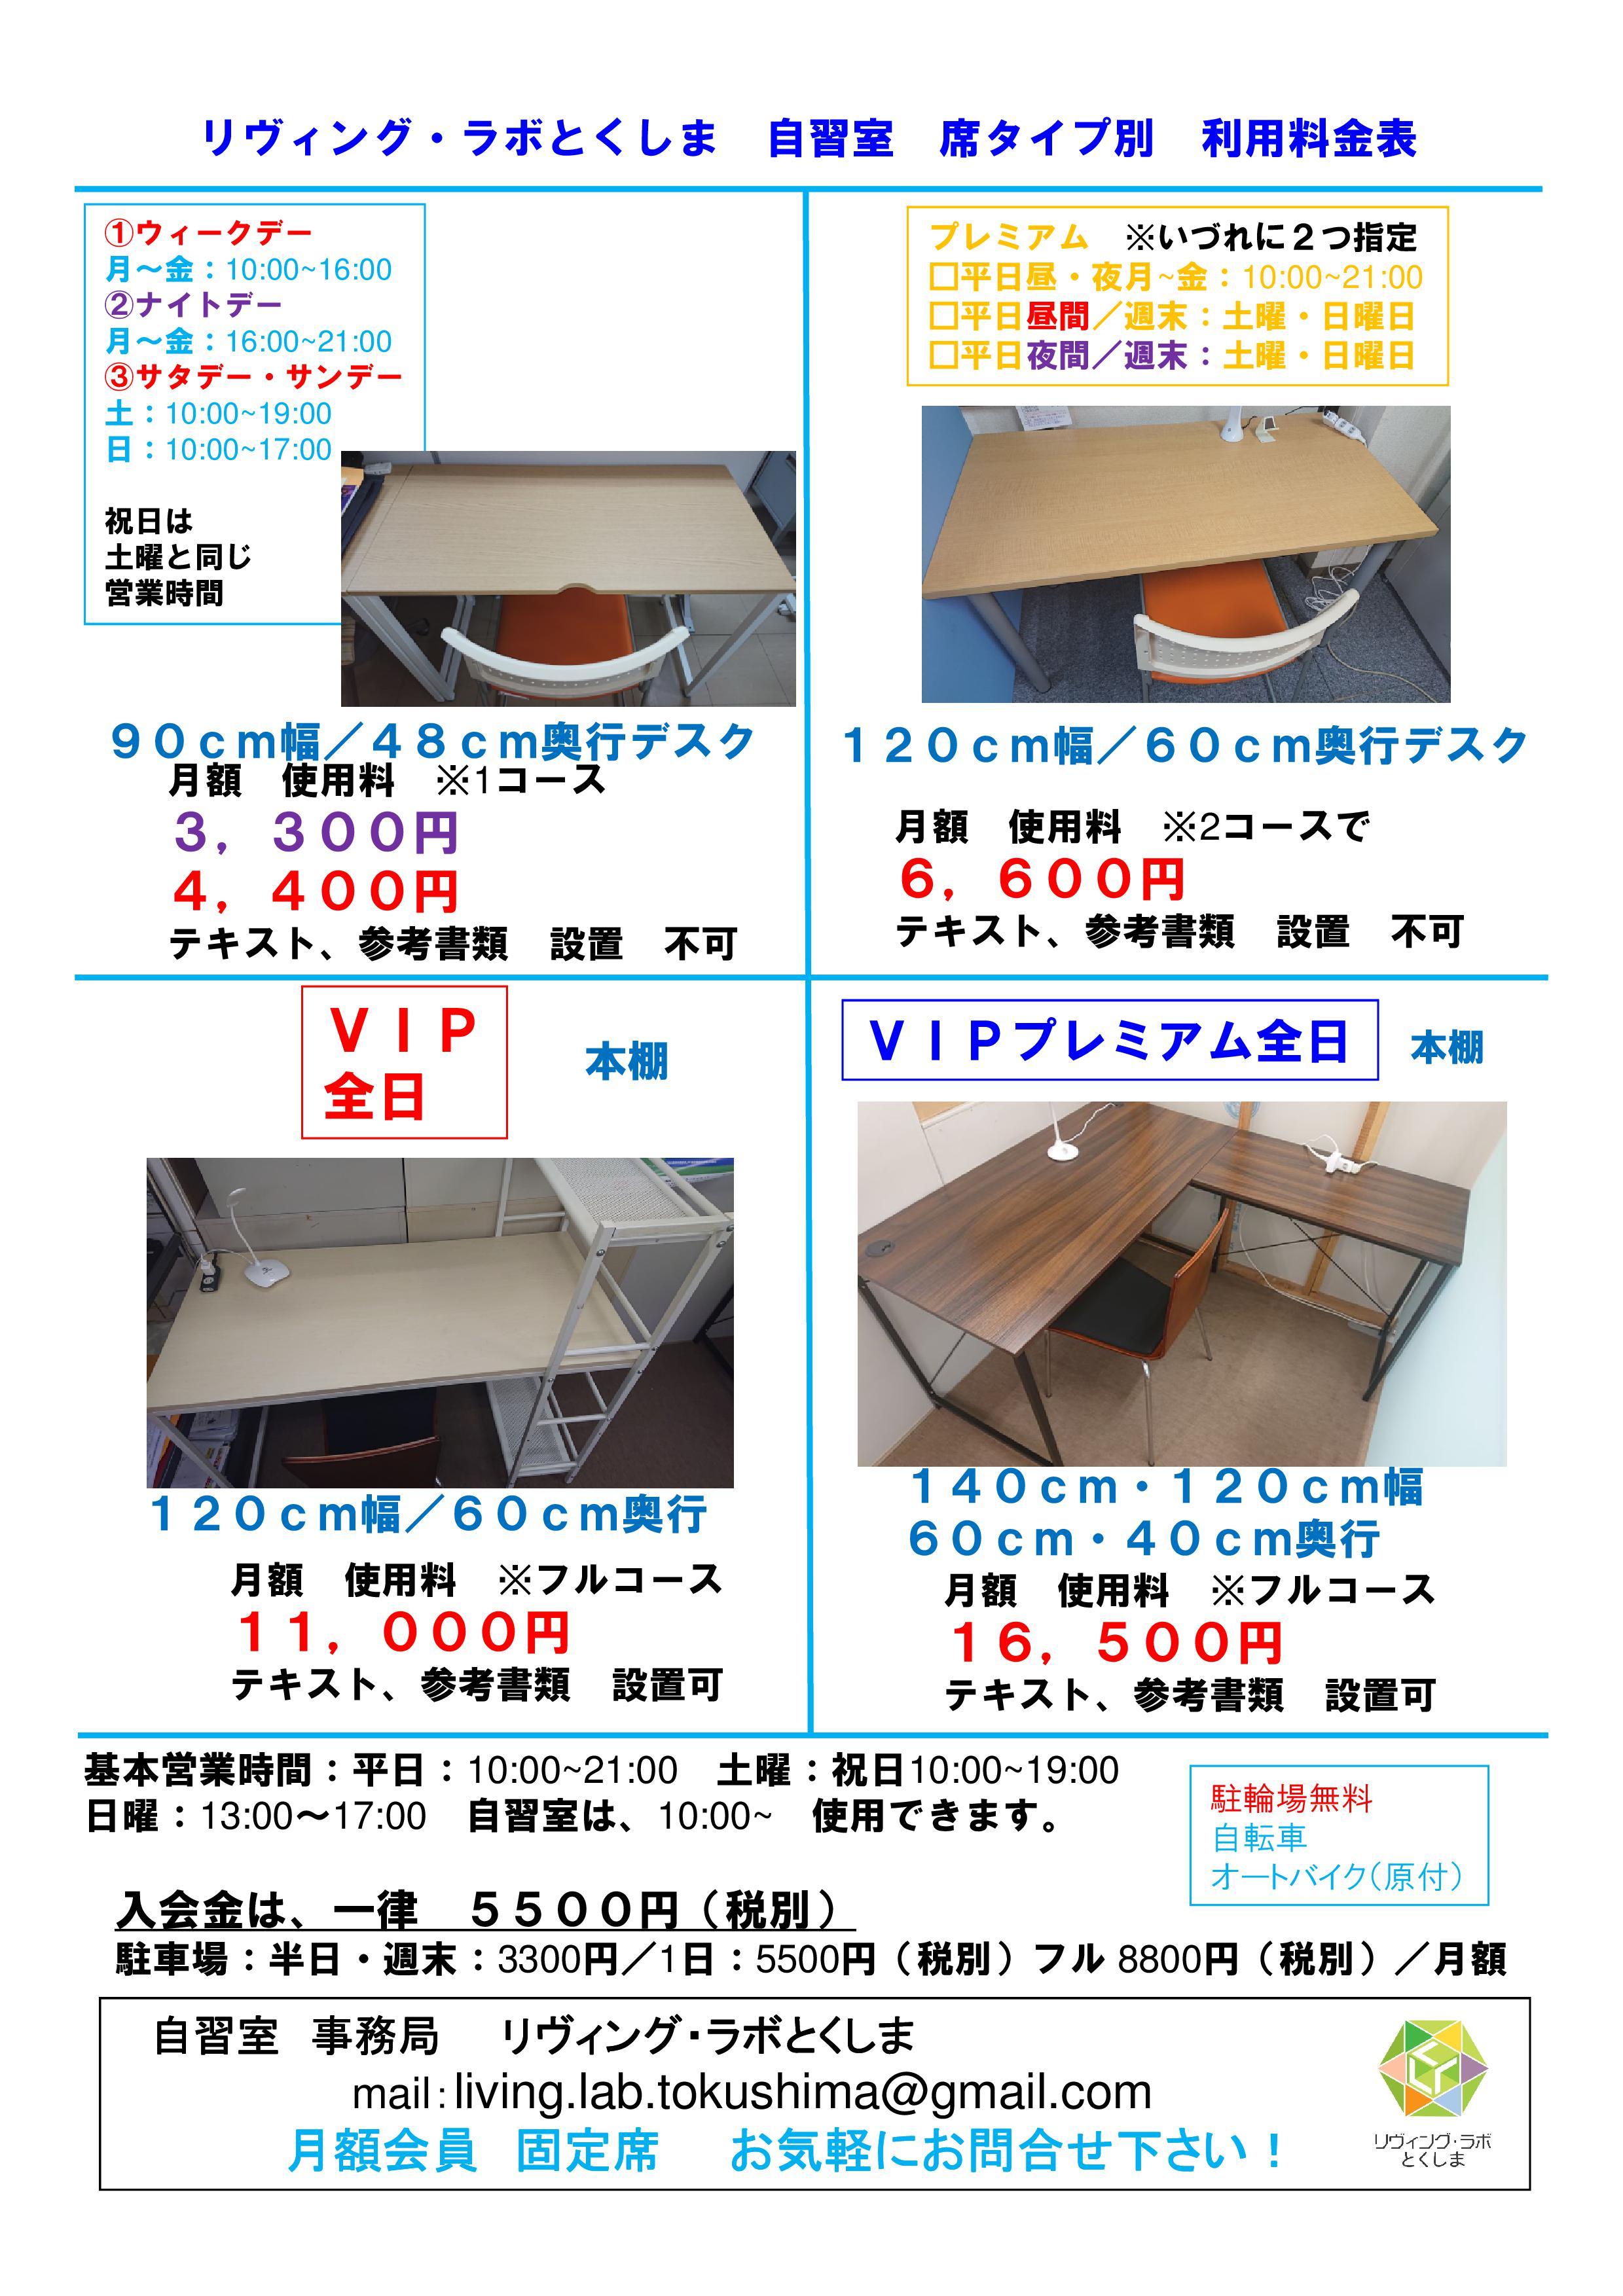 徳島 自習室 勉強室